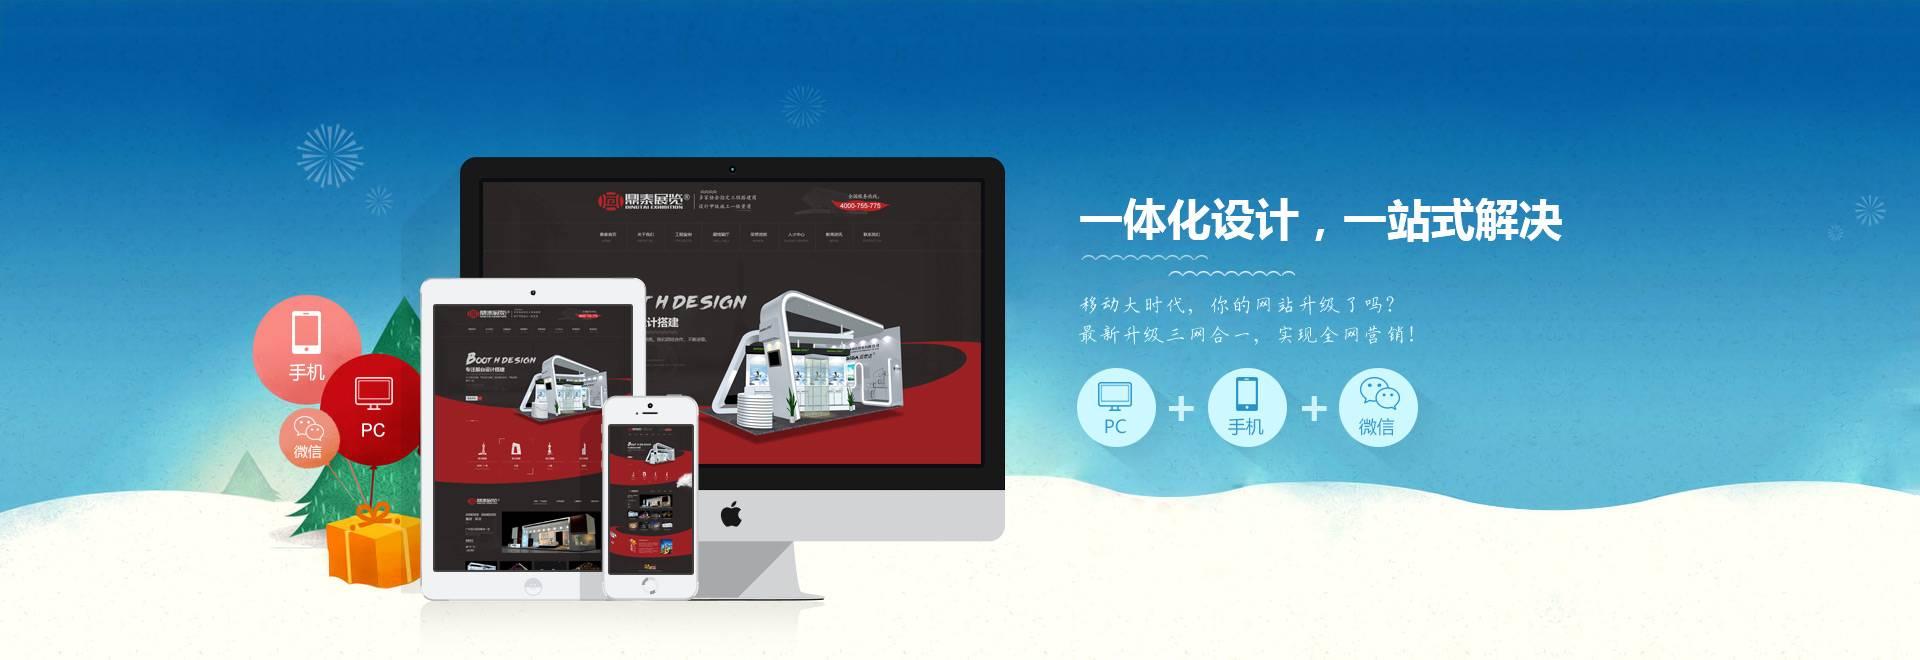 品牌设计——企业建网站从品牌开始